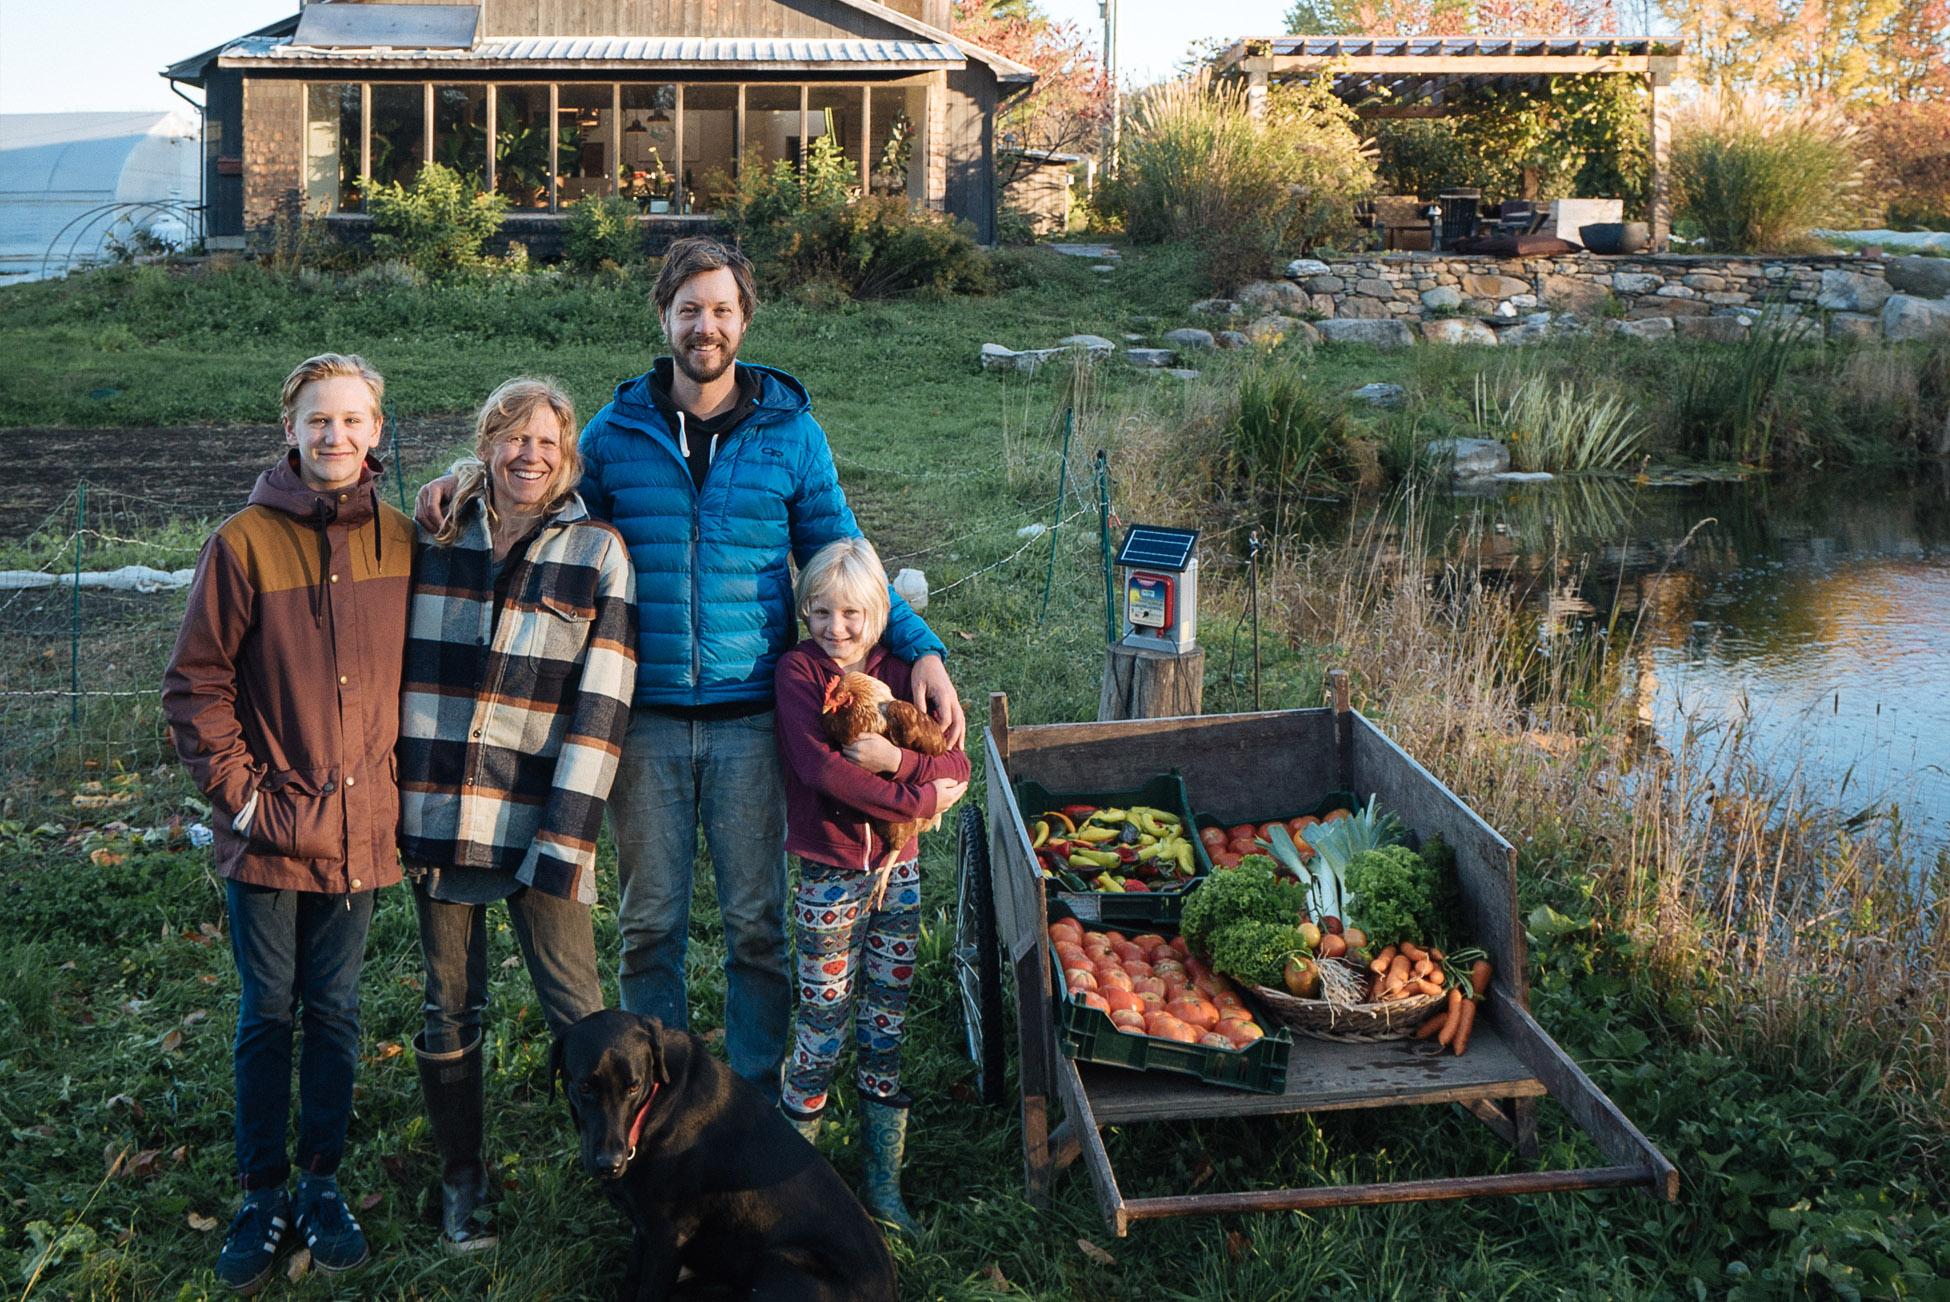 Jean-Martin Fortier, Maude-Hélène Desroches et leur deux enfants, Forest et Rose aux  Jardins de la grelinette.